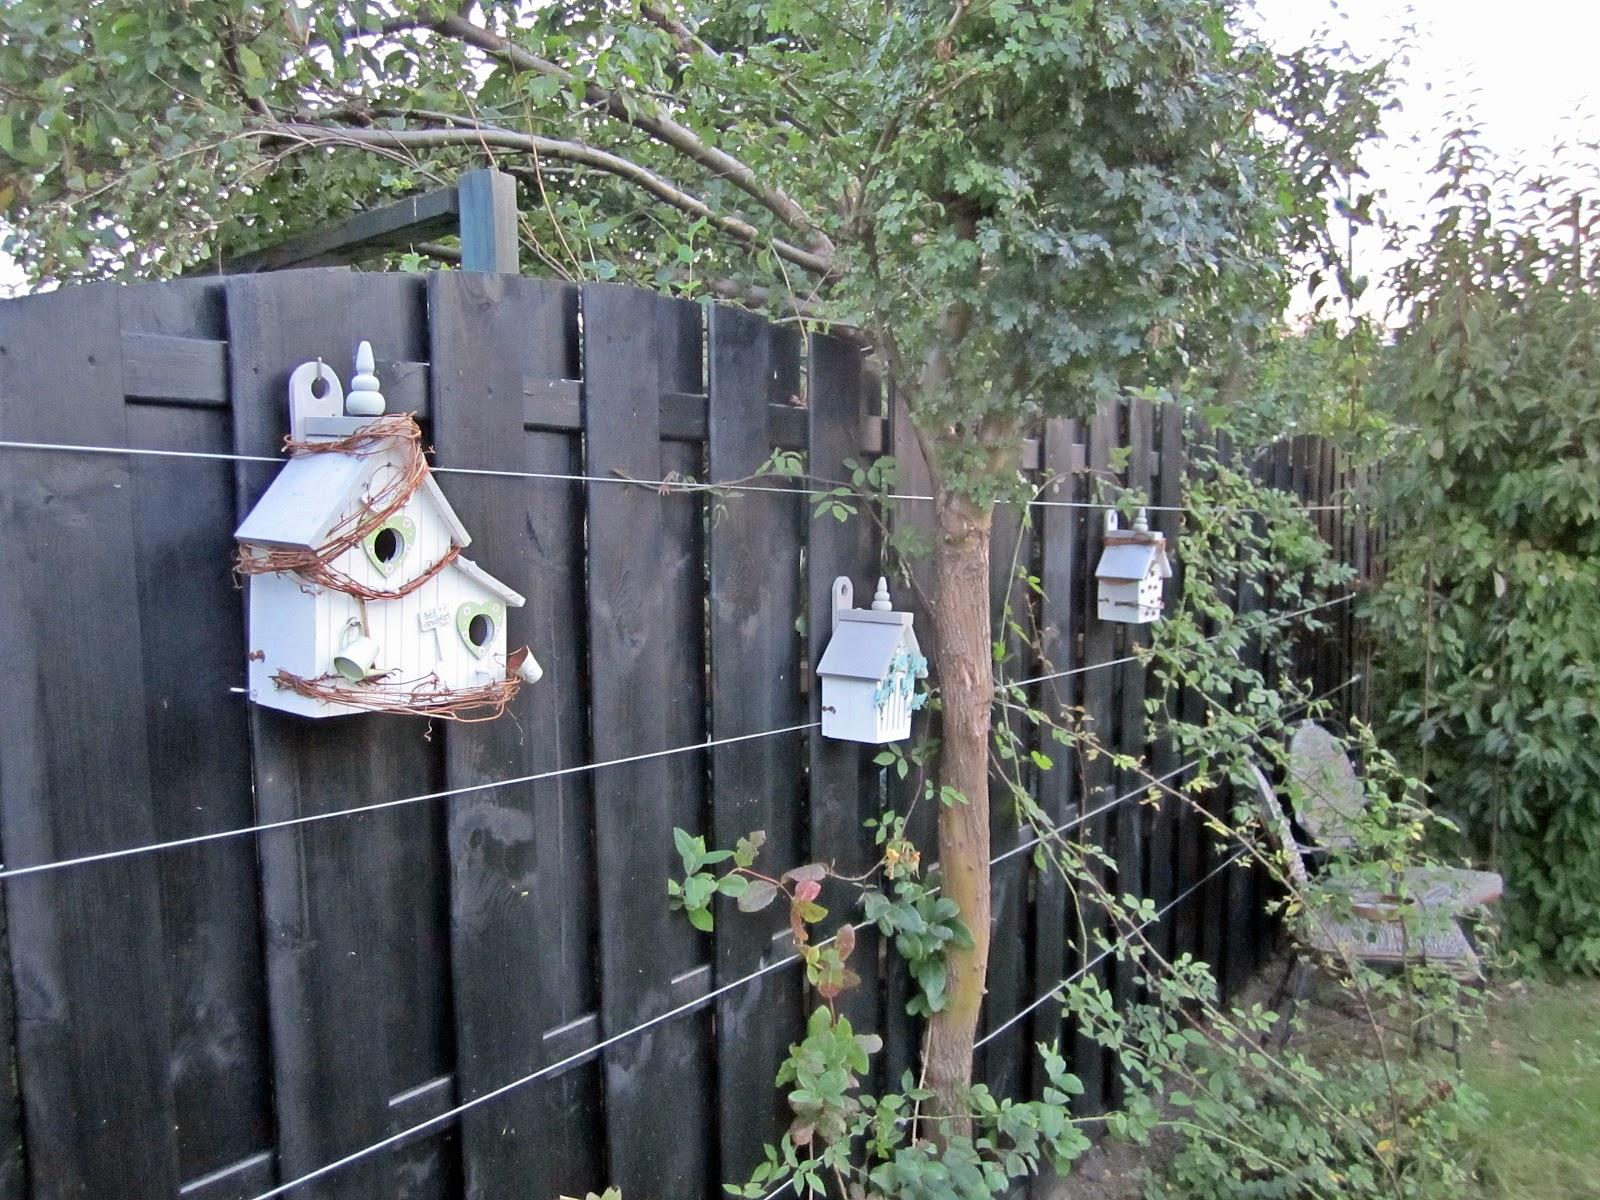 Nettes lille have: sensommerens have